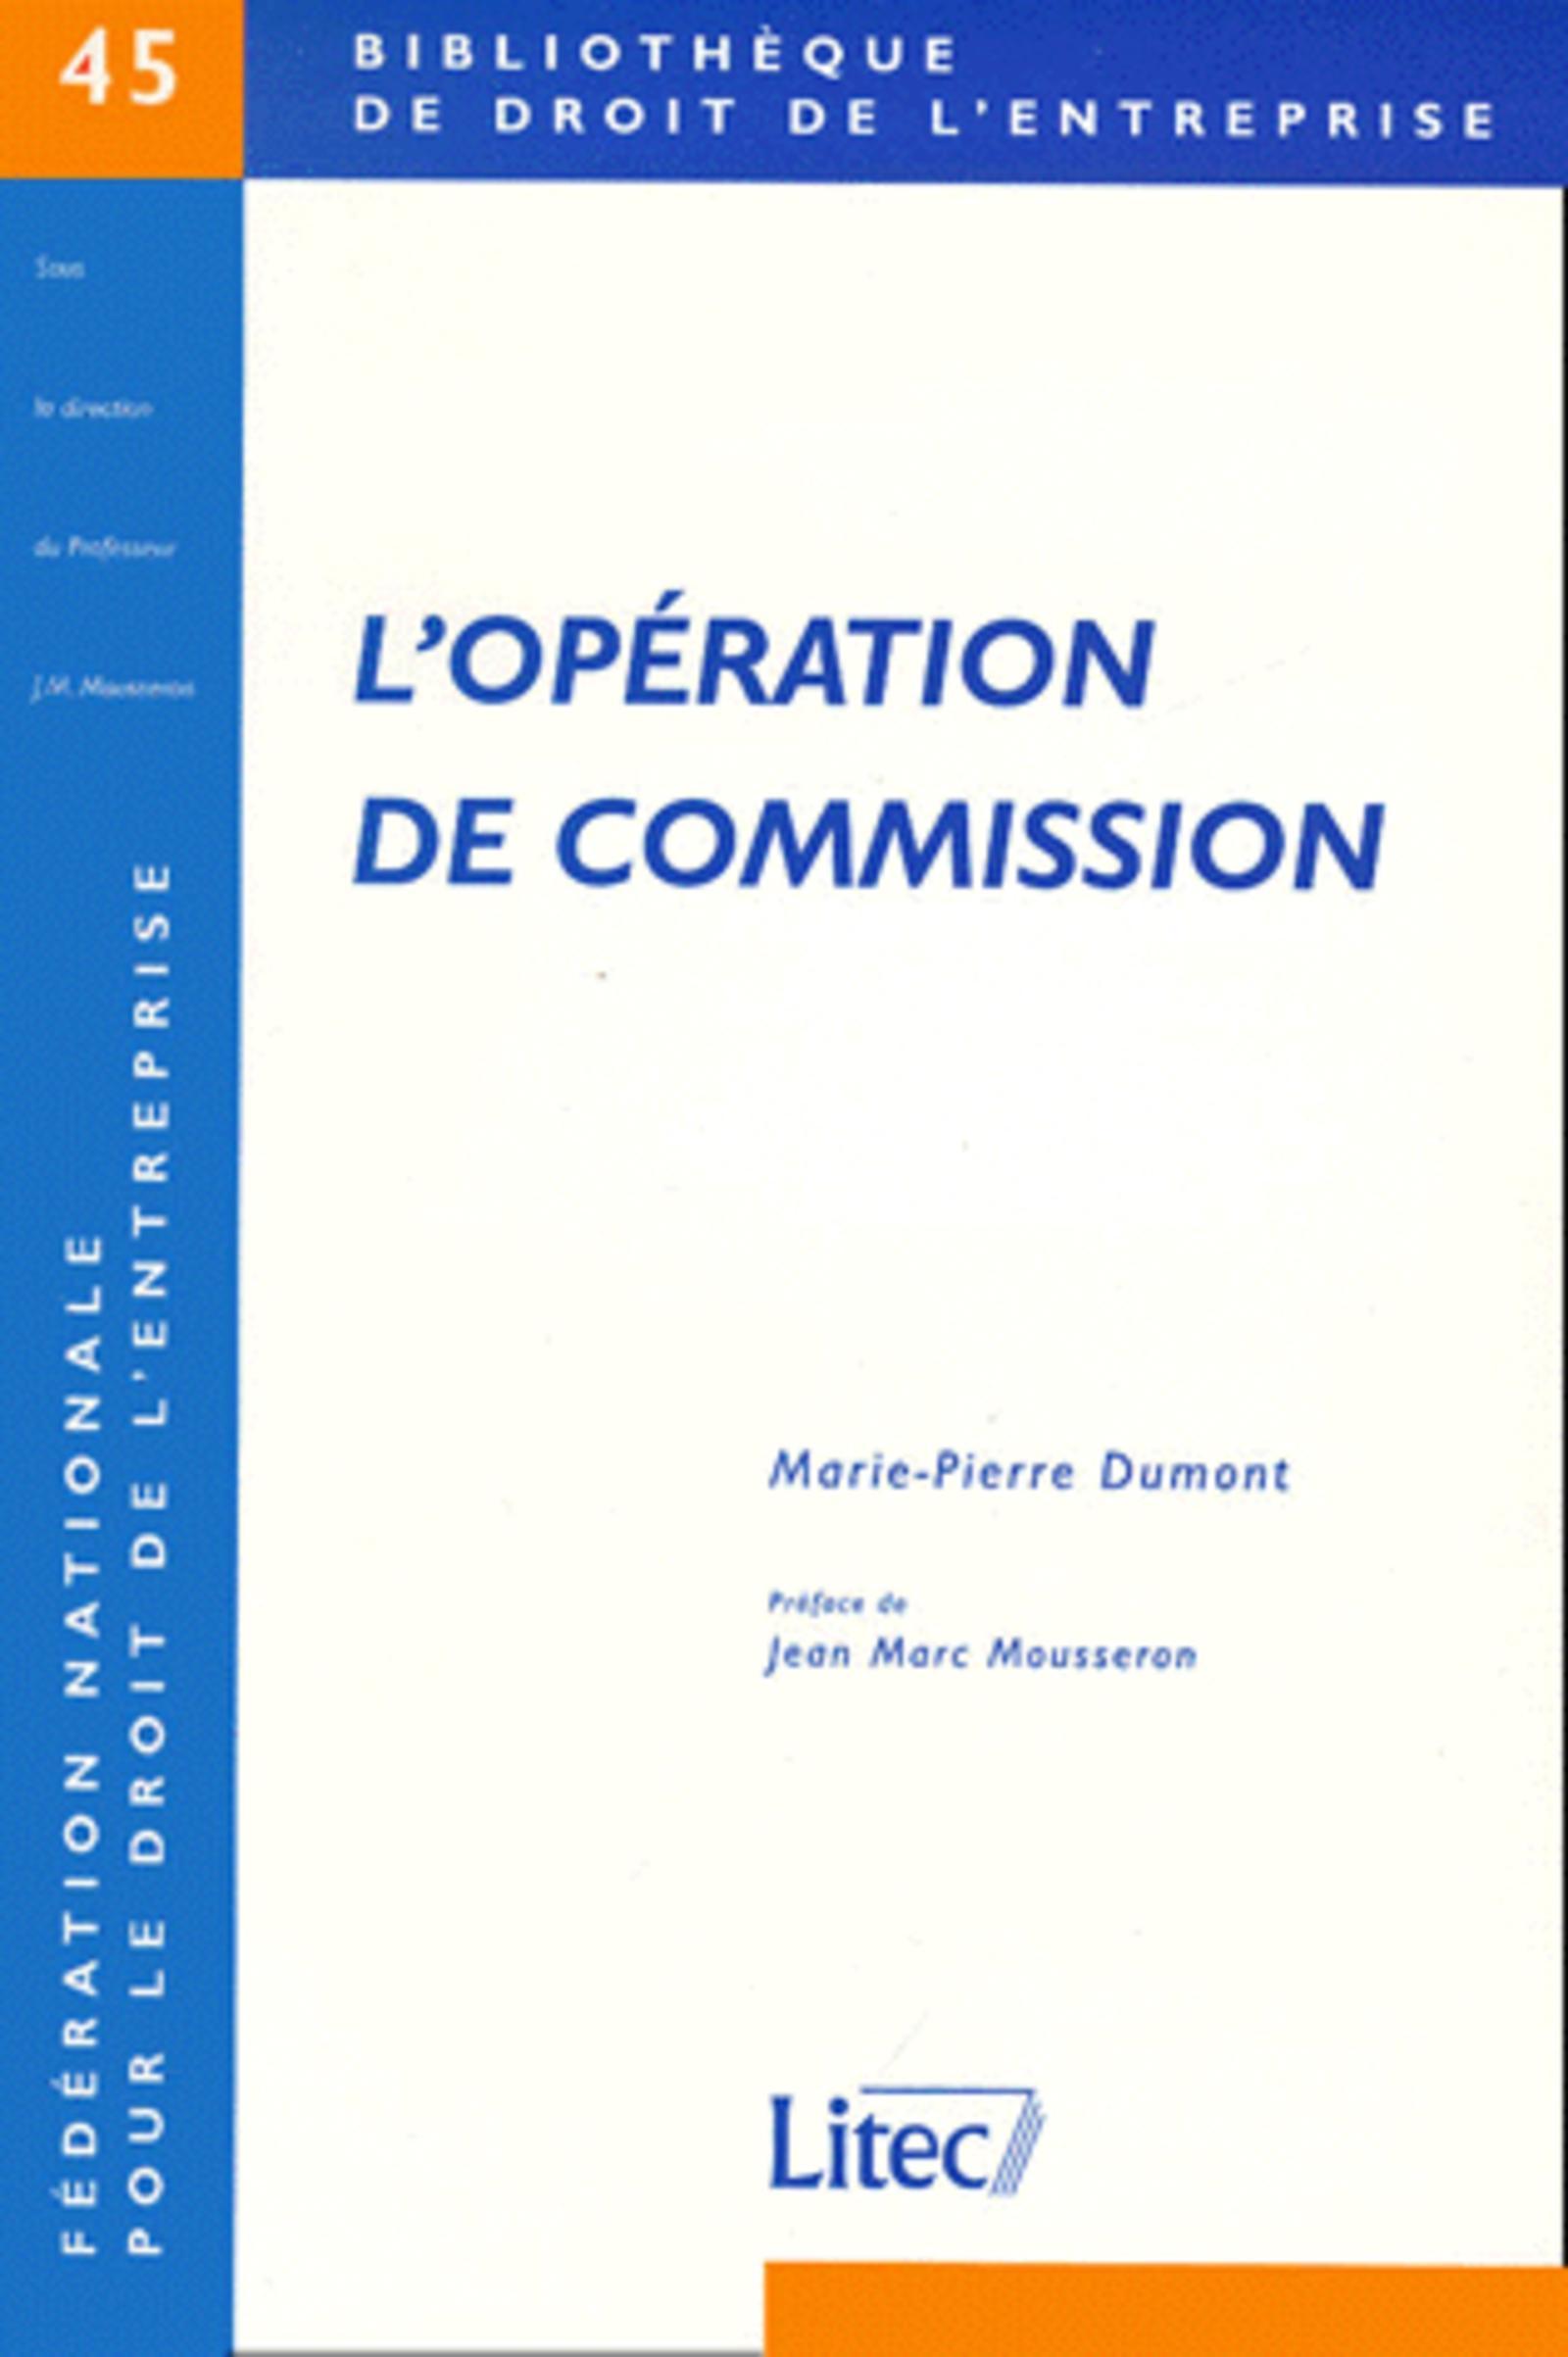 L'OPERATION DE COMMISSION